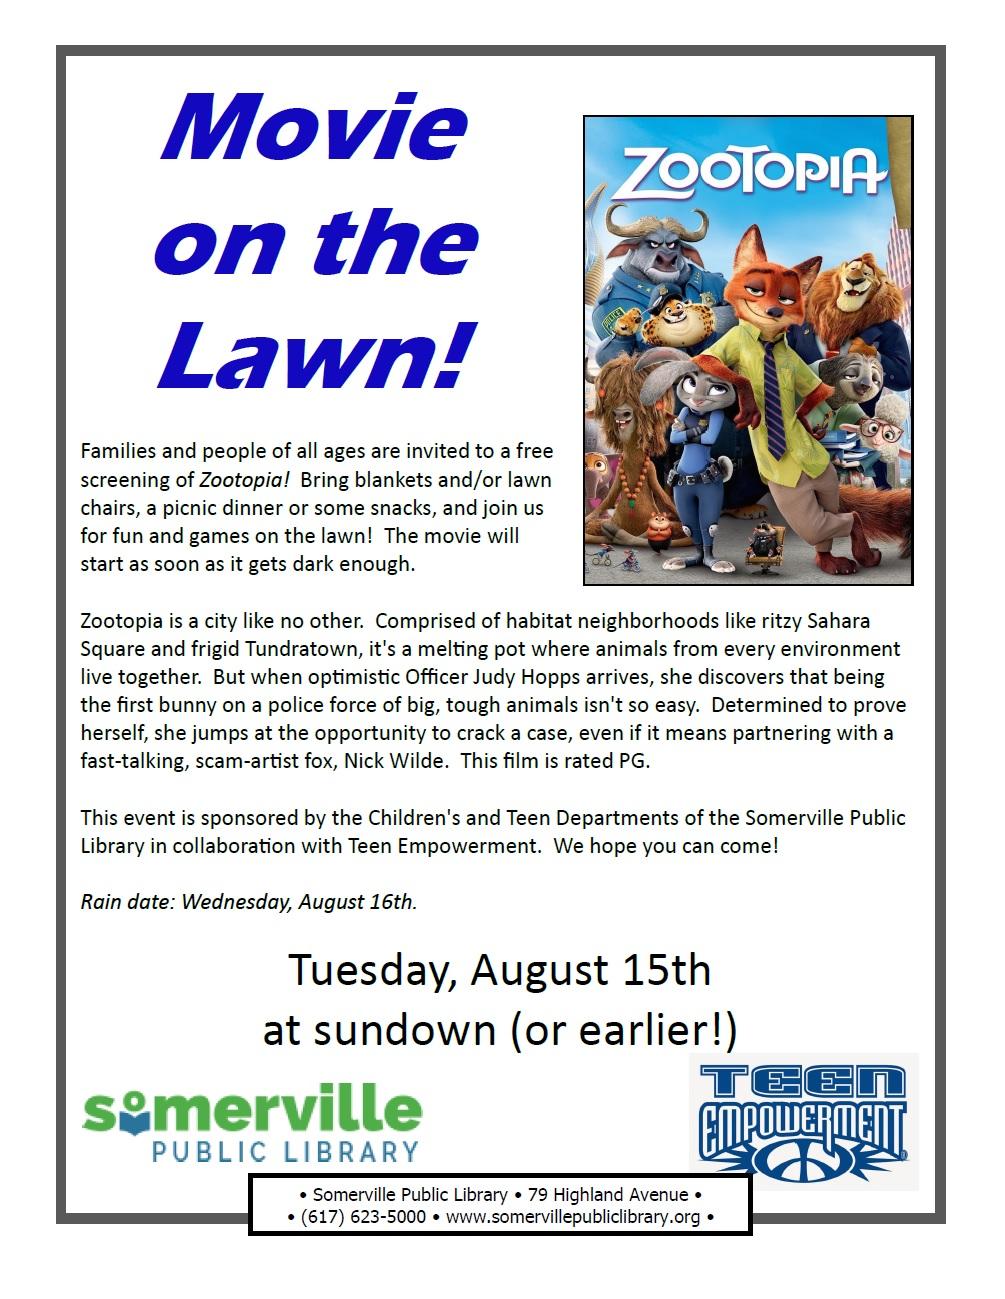 flyer for Zootopia event described below